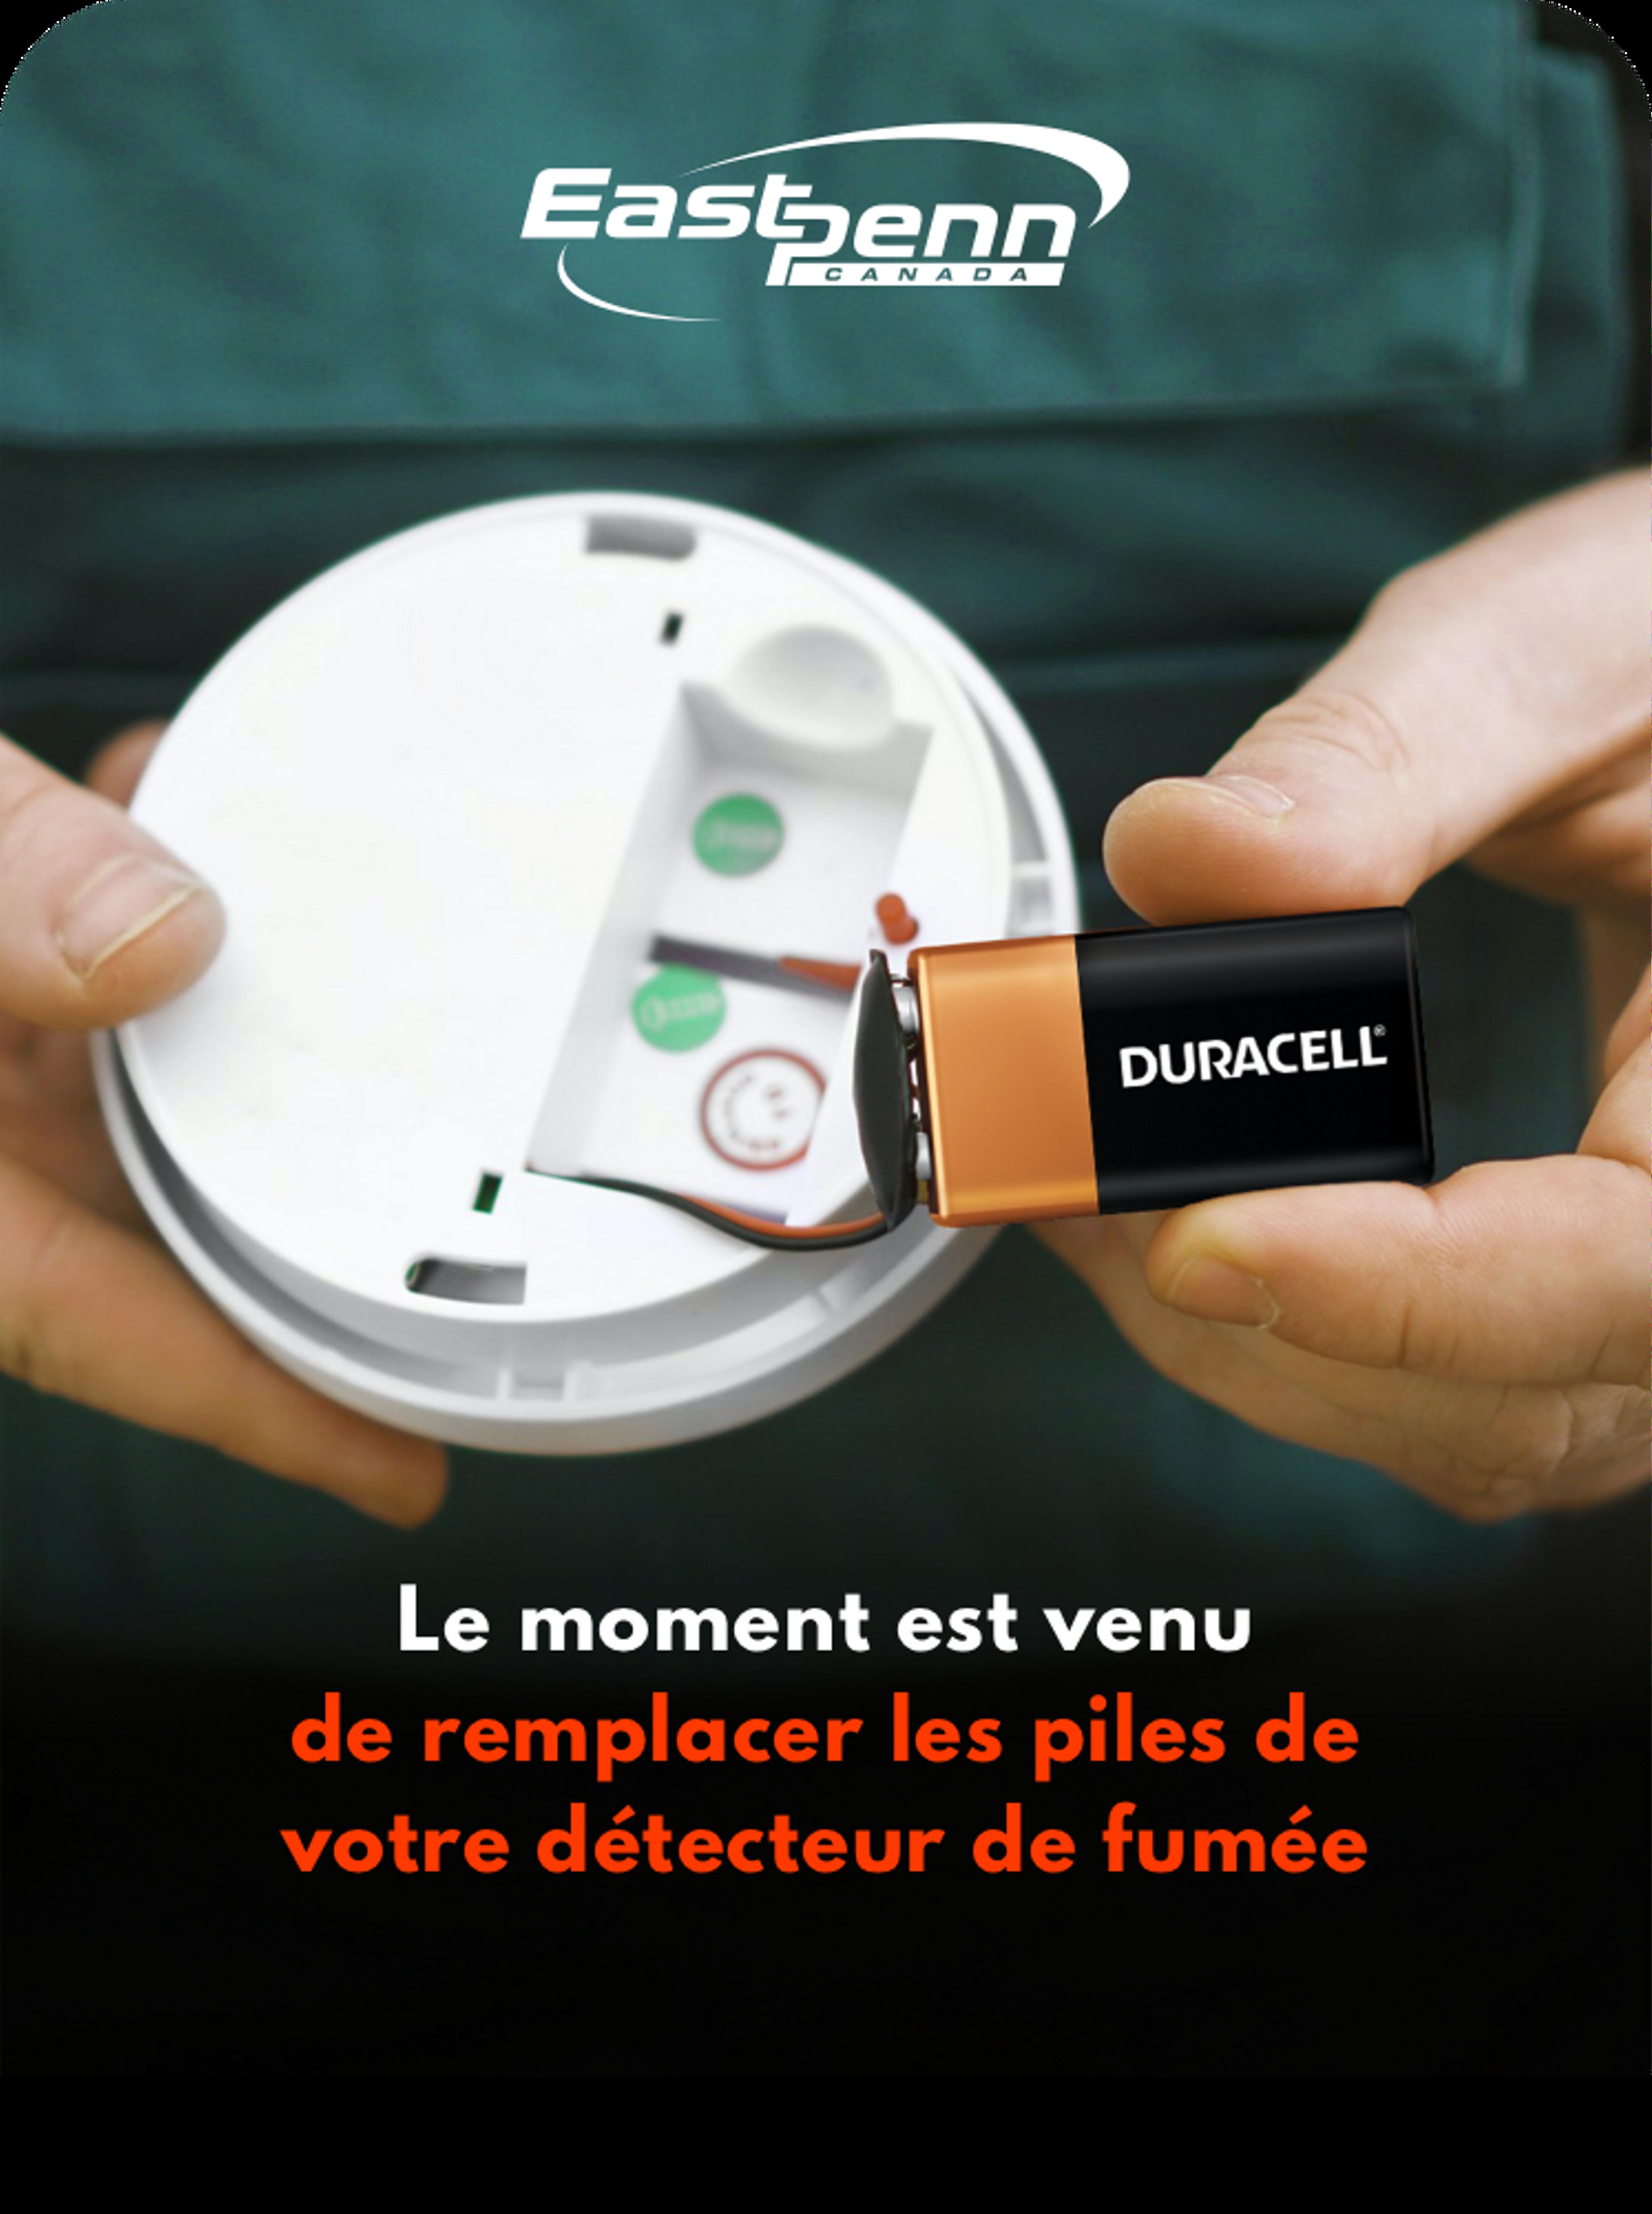 """Image d'un homme tenant un détecteur de fumée et une pile sur fond noir, texte blanc et rouge qui dit """" Il est temps de remplacer les piles de votre détecteur de fumée"""""""